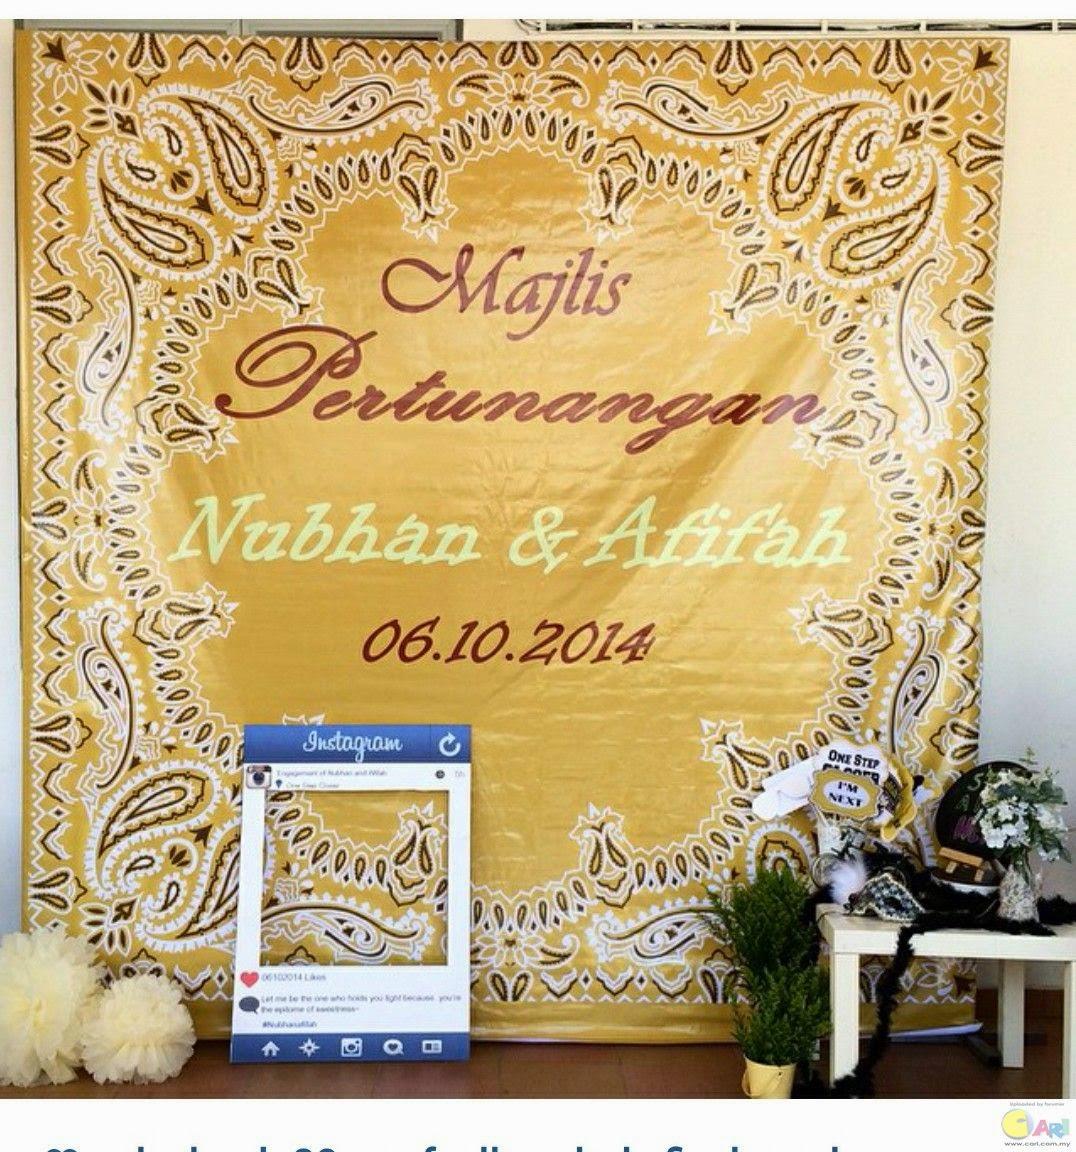 Gambar Majlis Pertunangan Nubhan AF6